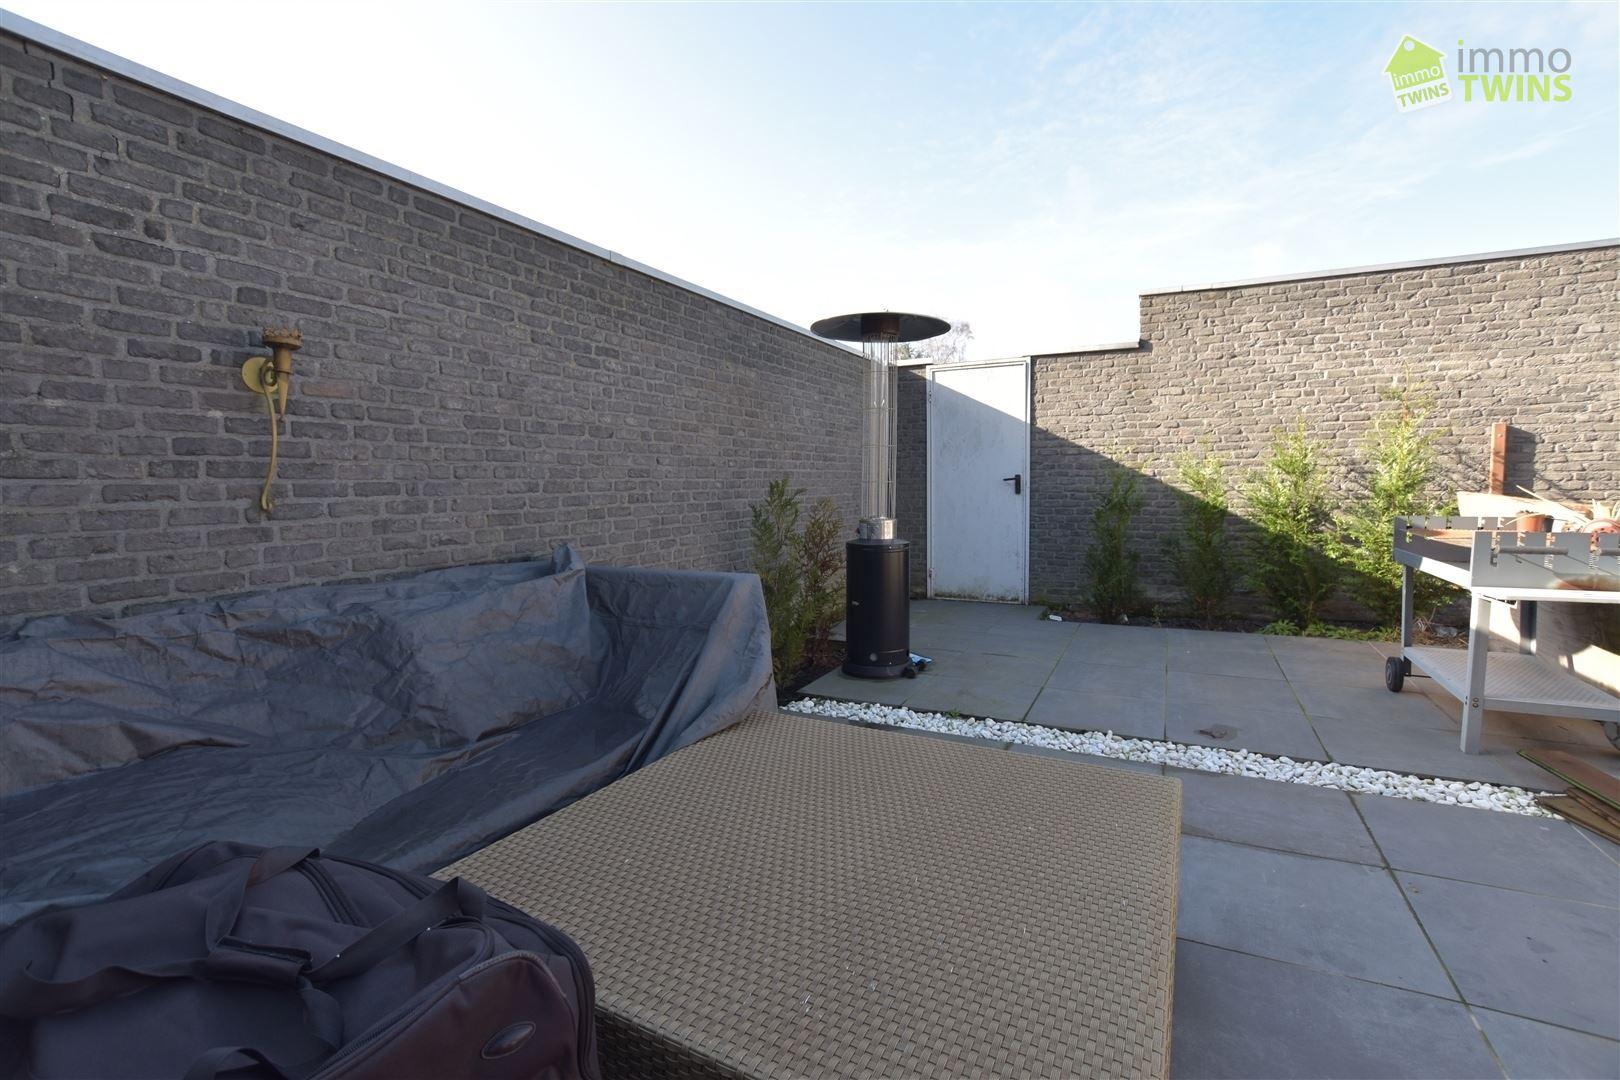 Foto 20 : Duplex/triplex te 9280 LEBBEKE (België) - Prijs € 257.000